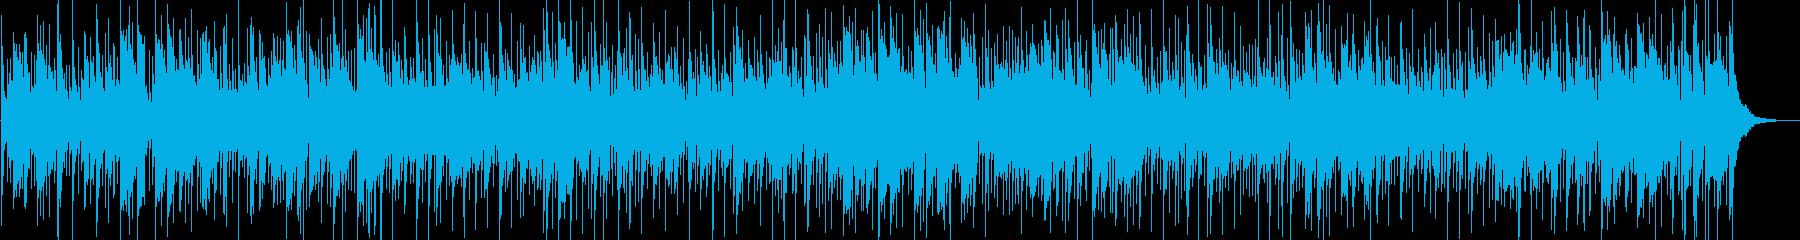 うとうとしてしまいそうなボサノバの再生済みの波形